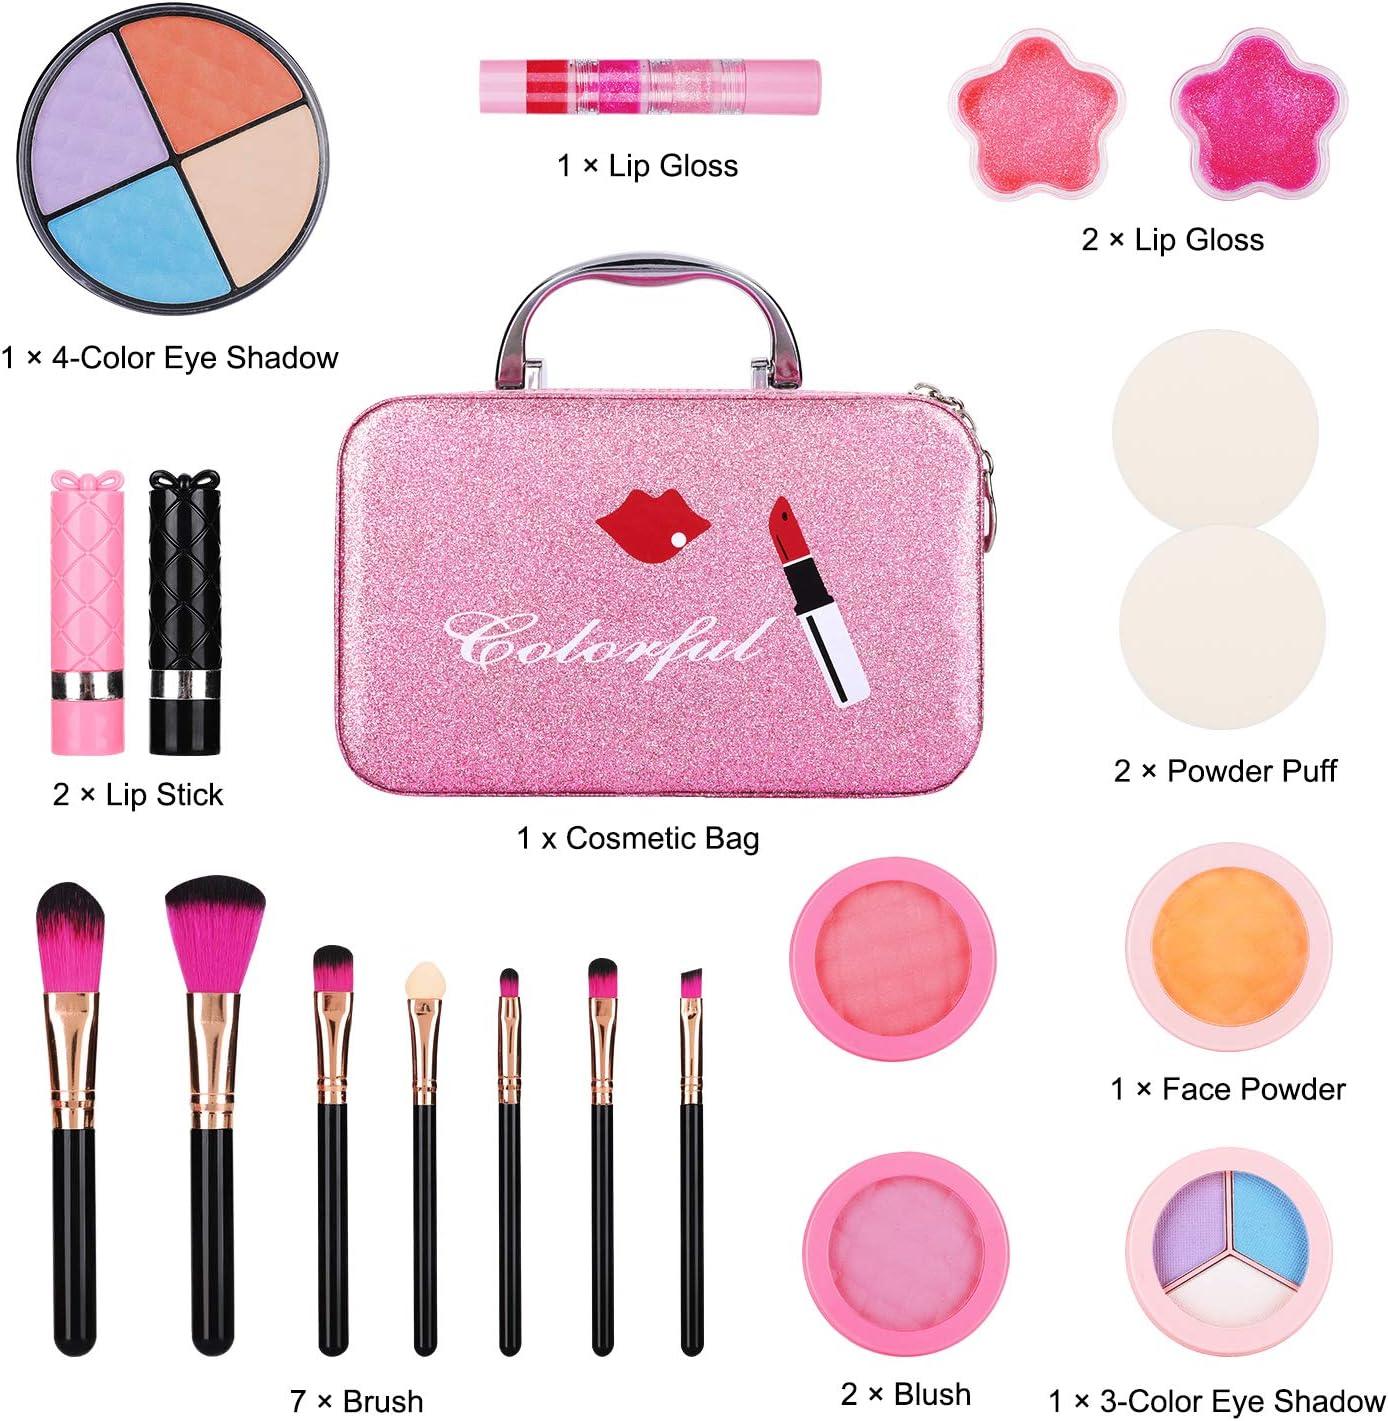 ARANEE Maquillaje Niñas Set Maletin Juguete Niña 21 PCS: Amazon.es: Juguetes y juegos